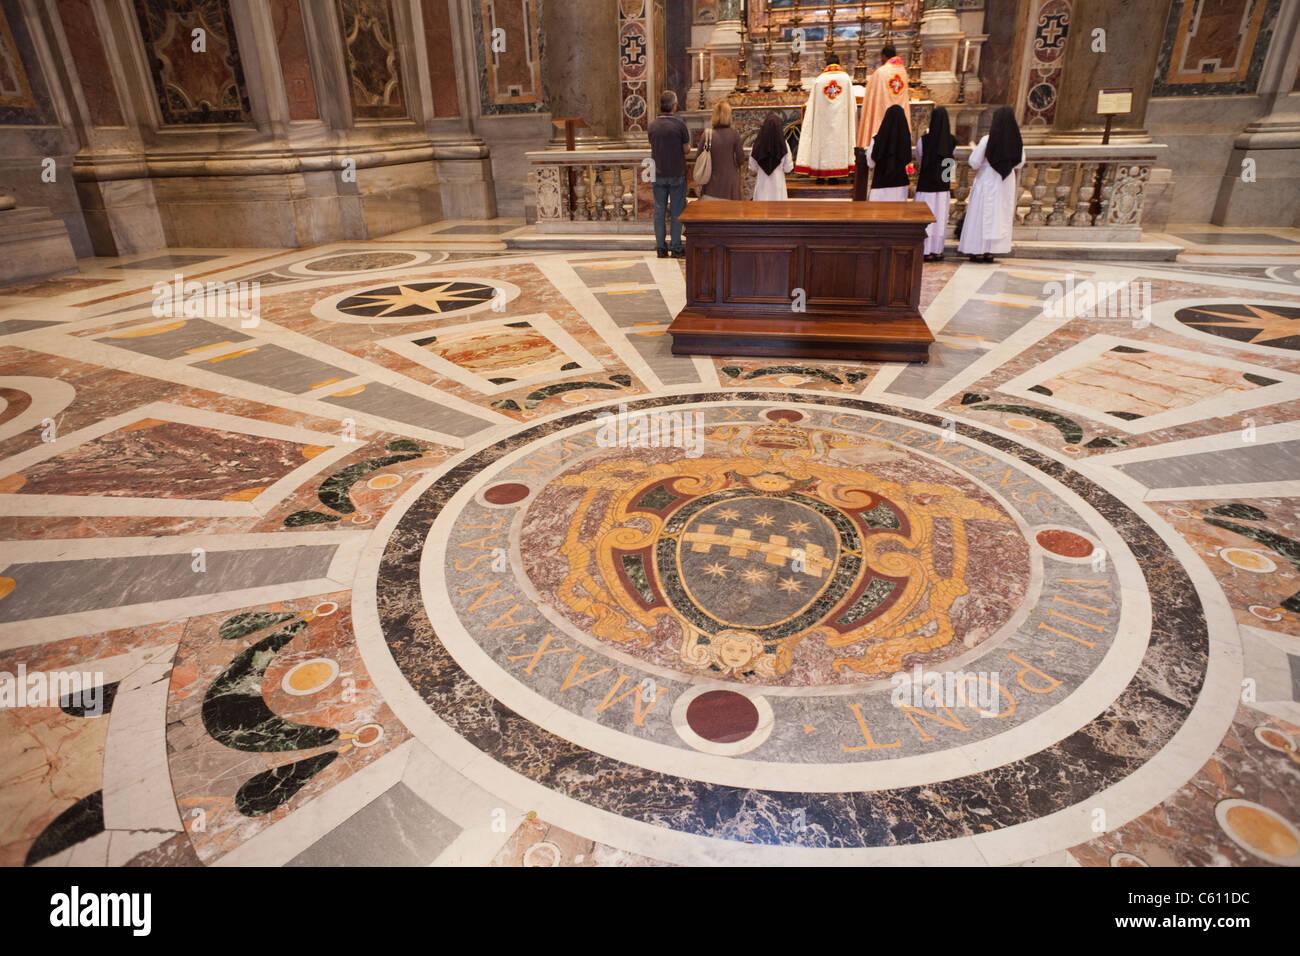 https://c8.alamy.com/compfr/c611dc/litalie-rome-le-vatican-interieur-de-stpeters-le-sol-en-marbre-de-detail-c611dc.jpg